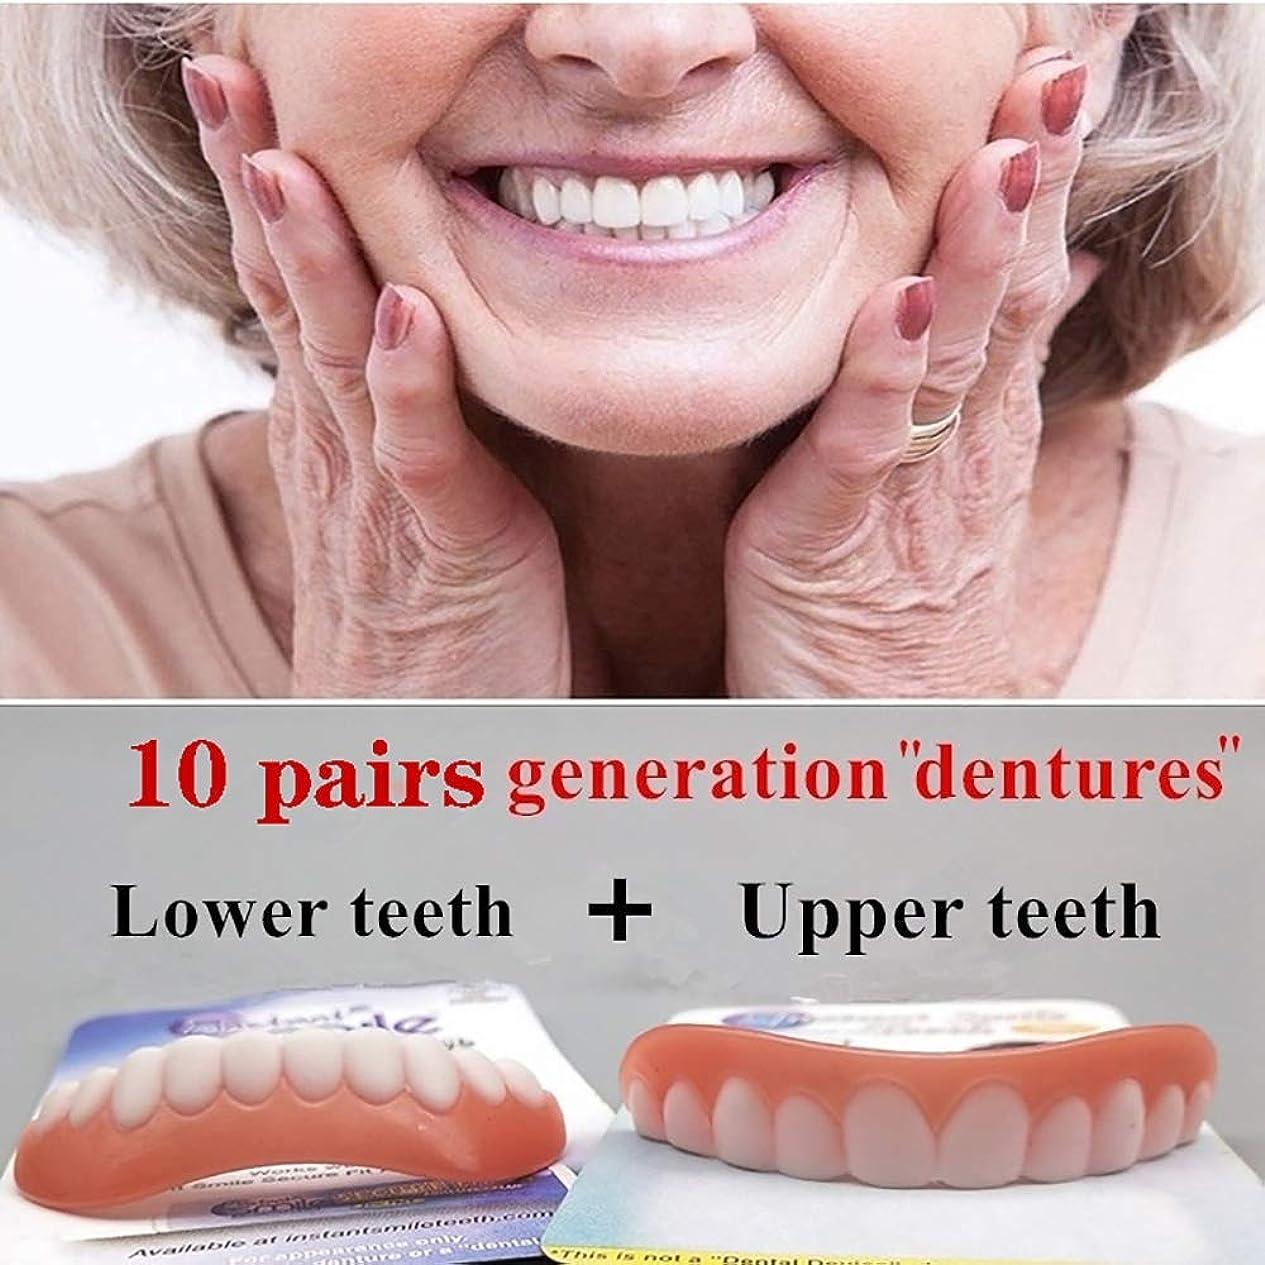 組み合わせる管理者フィット20個の歯のベニヤ化粧品の歯スナップオンセキュアアッパーローワーコンフォートフィット歯のベニヤセキュアインスタント笑顔化粧品ワンサイズはすべての義歯のケアツールにフィット